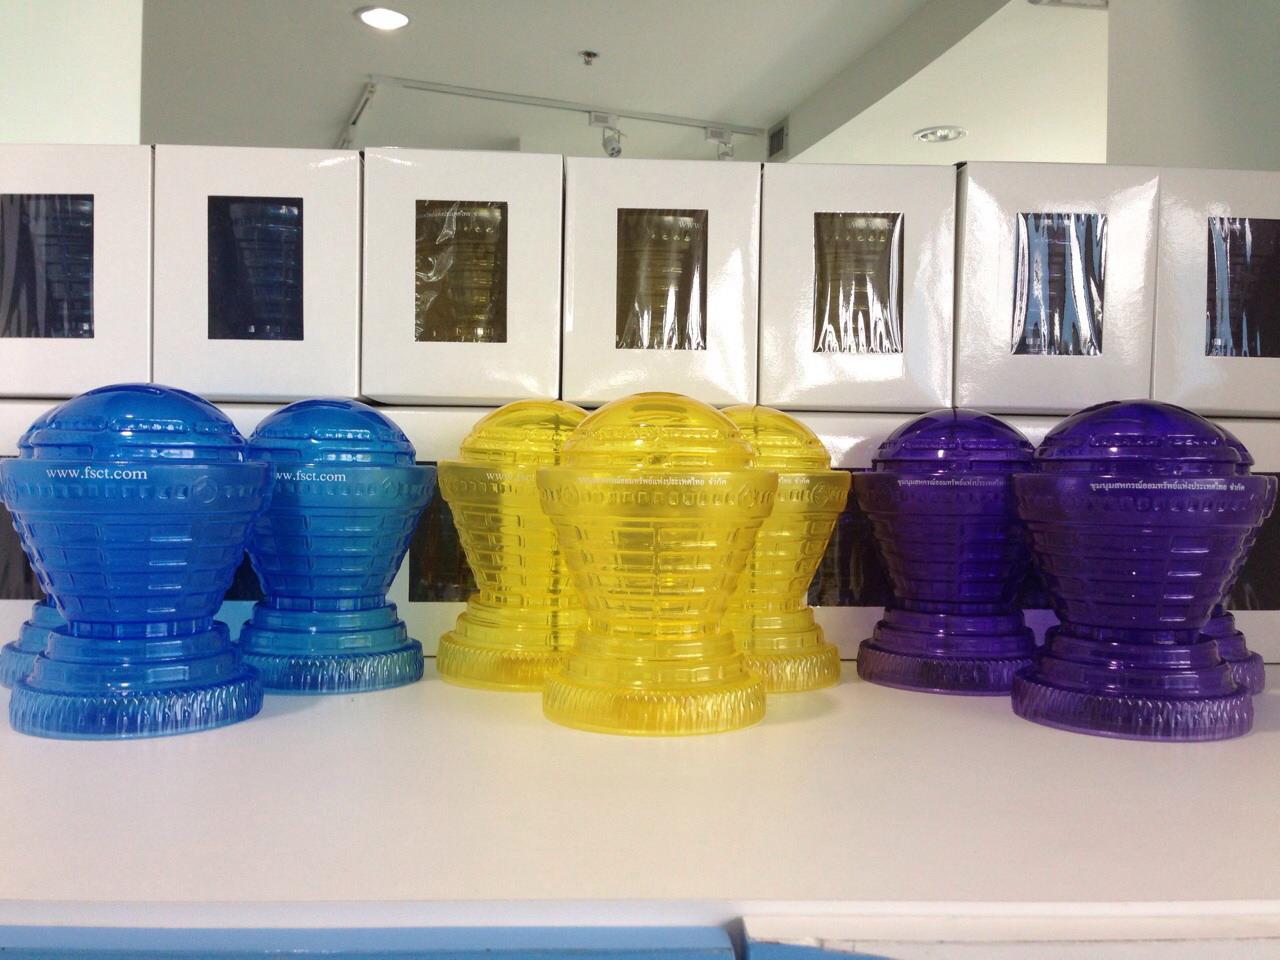 กระปุกออมสินสีฟ้า,สีเหลือง,สีม่วง